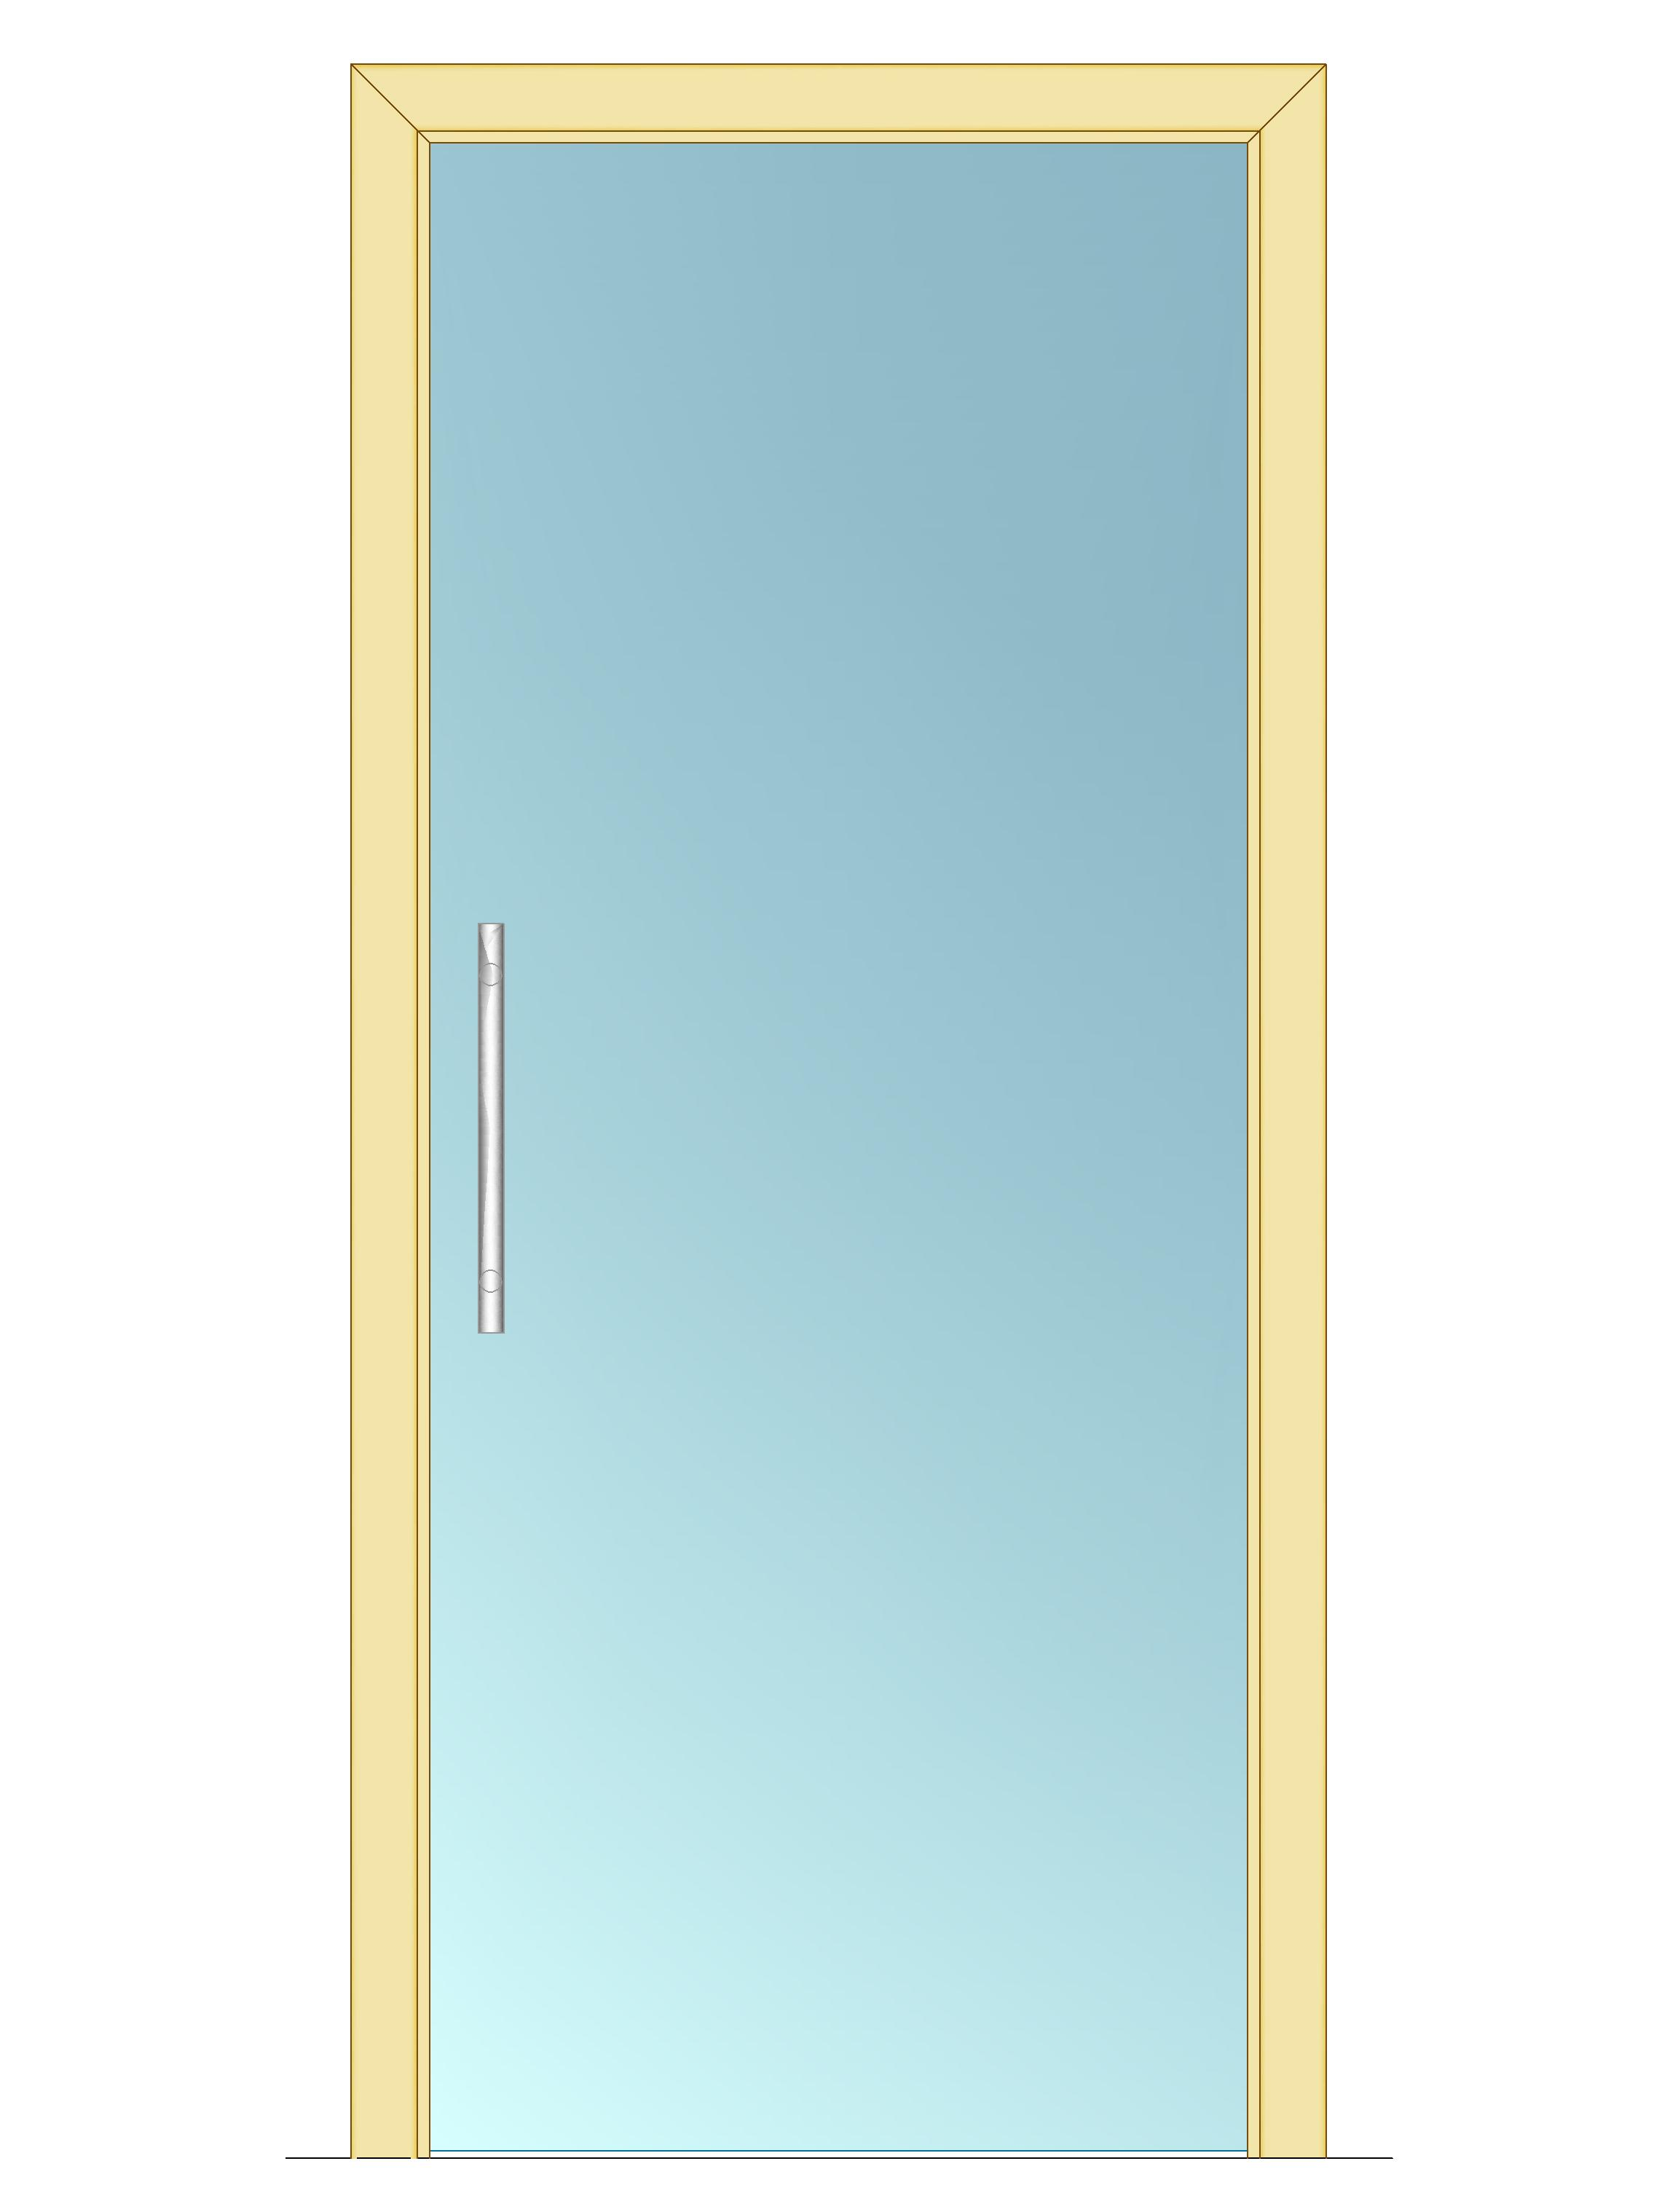 Celoskleněné dveře - posuvné - ČIRÉ 1000mm Výška: 210cm